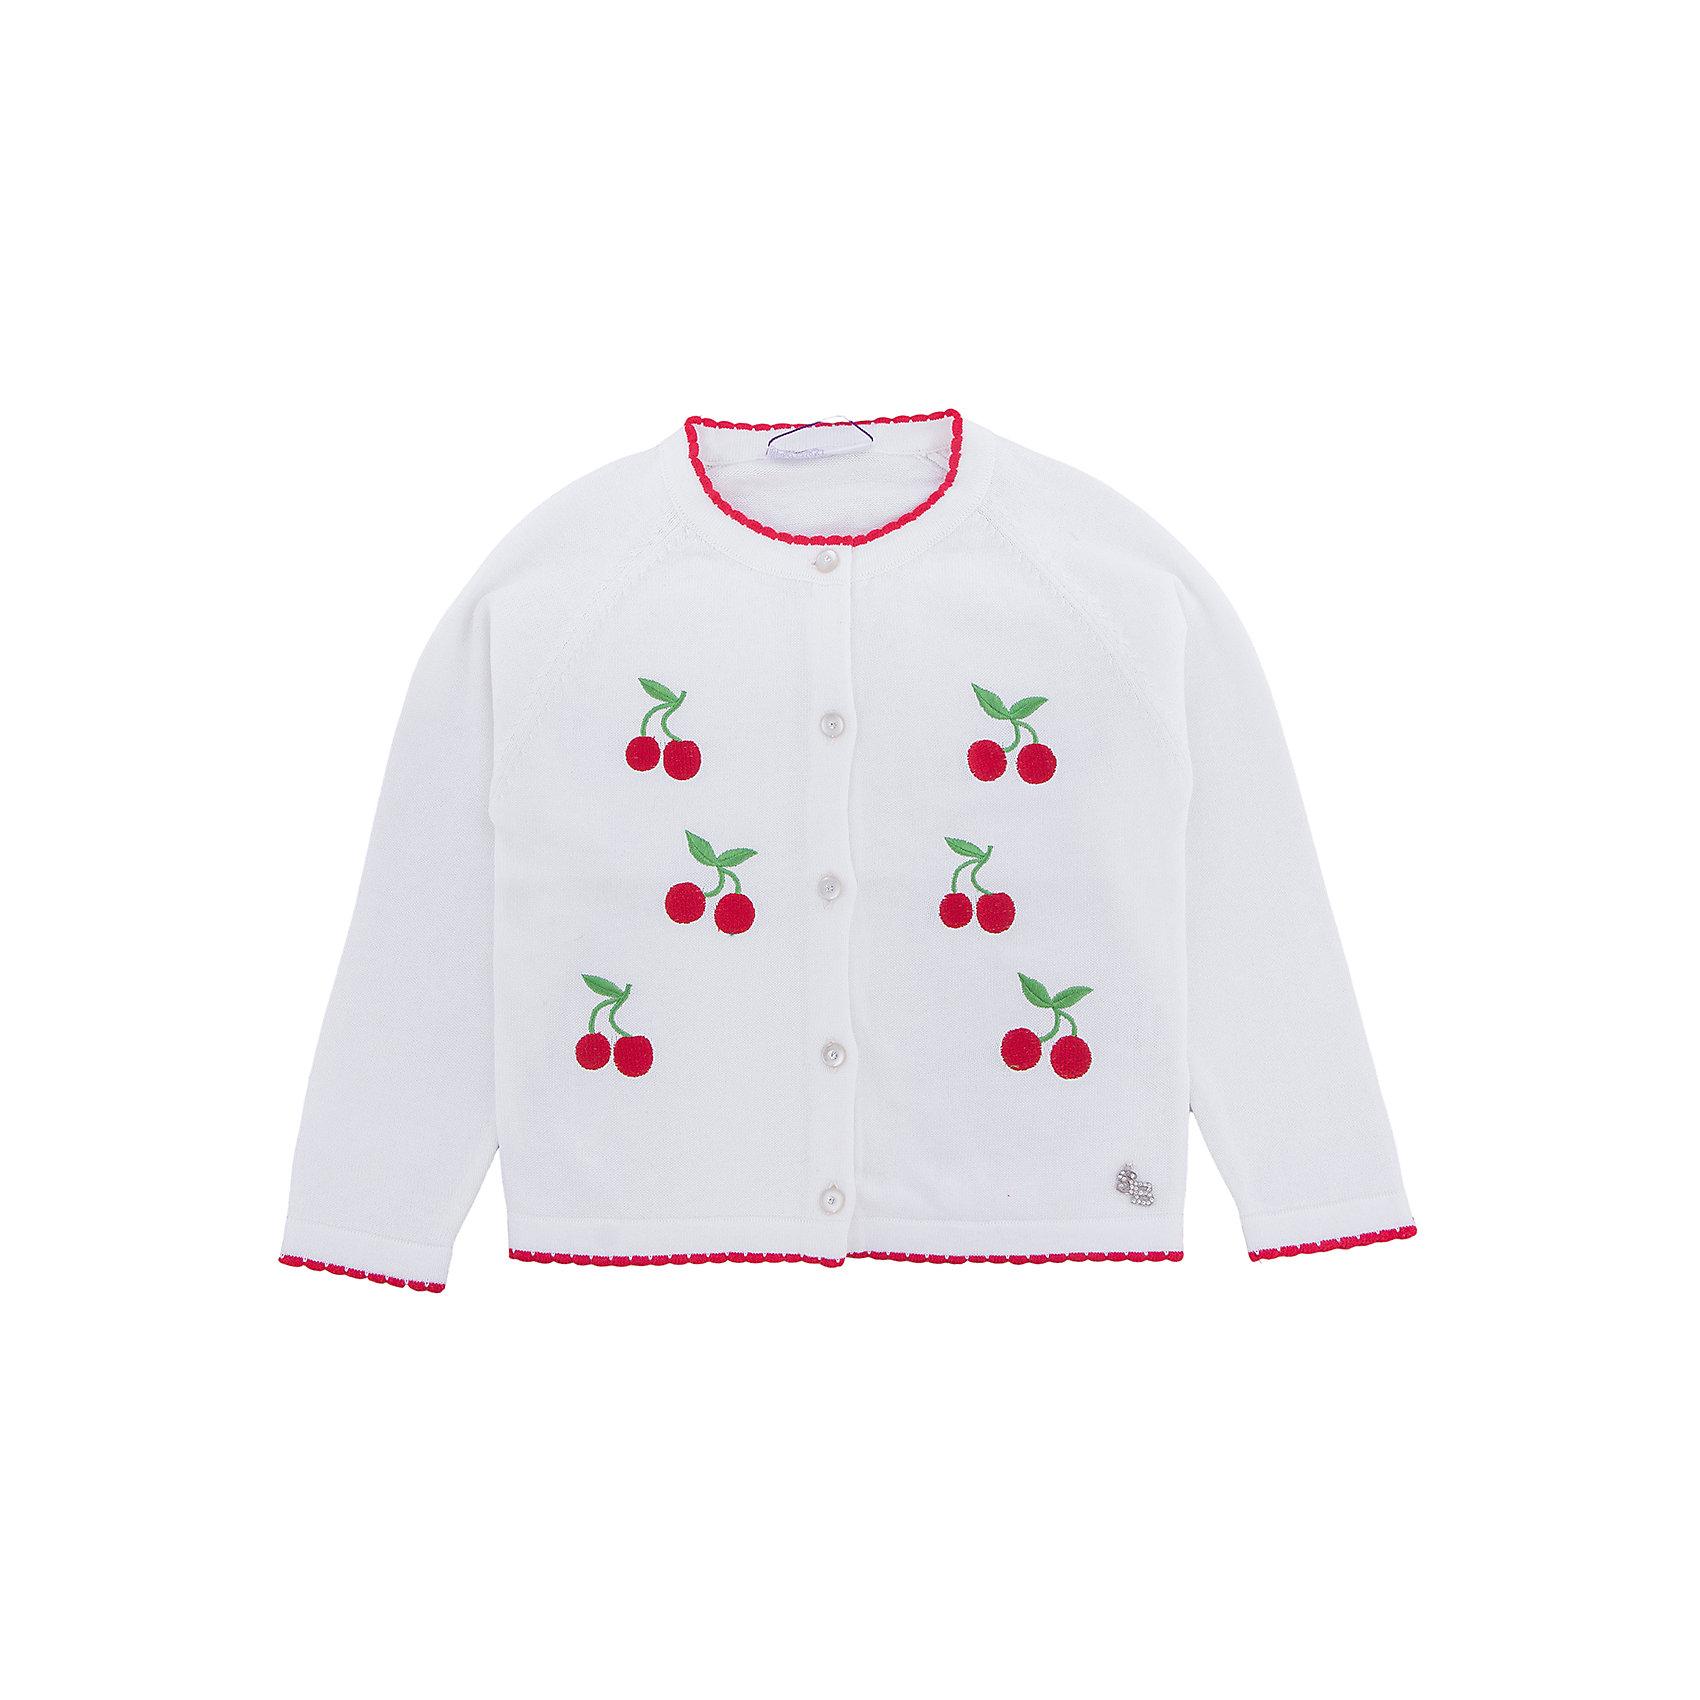 Кардиган для девочки Sweet BerryСвитера и кардиганы<br>Вязаный жакет для девочки с длинным рукавом. Декорирован яркой вышивкой. Застегивается на пуговки.<br>Состав:<br>100% хлопок<br><br>Ширина мм: 190<br>Глубина мм: 74<br>Высота мм: 229<br>Вес г: 236<br>Цвет: белый<br>Возраст от месяцев: 36<br>Возраст до месяцев: 48<br>Пол: Женский<br>Возраст: Детский<br>Размер: 104,98,110,116,122,128<br>SKU: 5409996